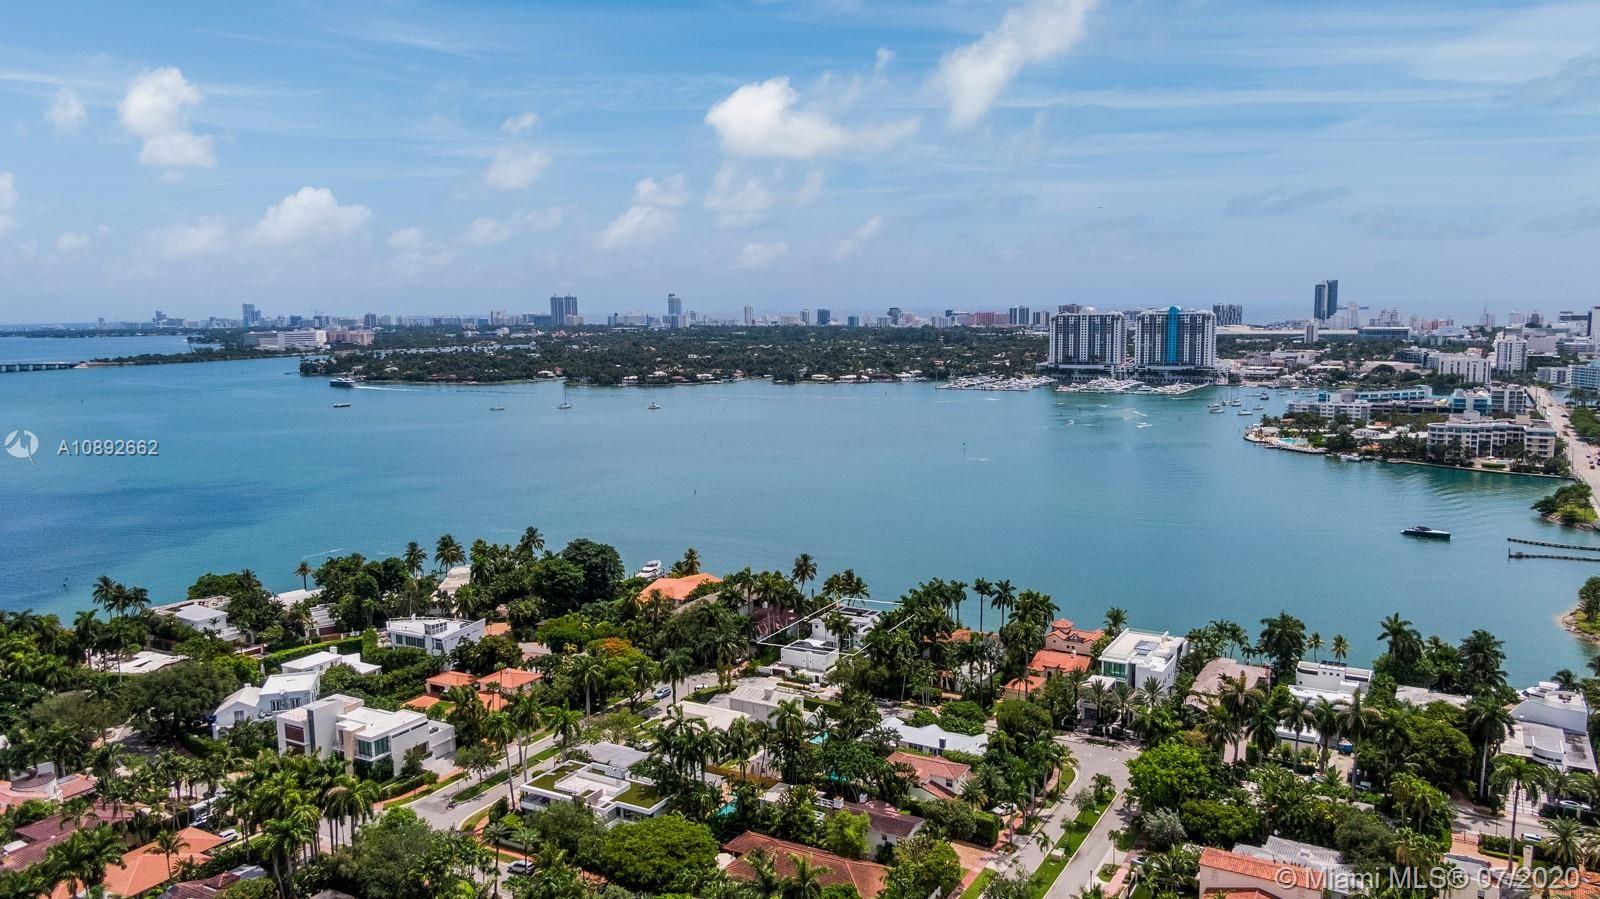 Photo 26 of Listing MLS a10892662 in 327 E Rivo Alto Dr Miami Beach FL 33139